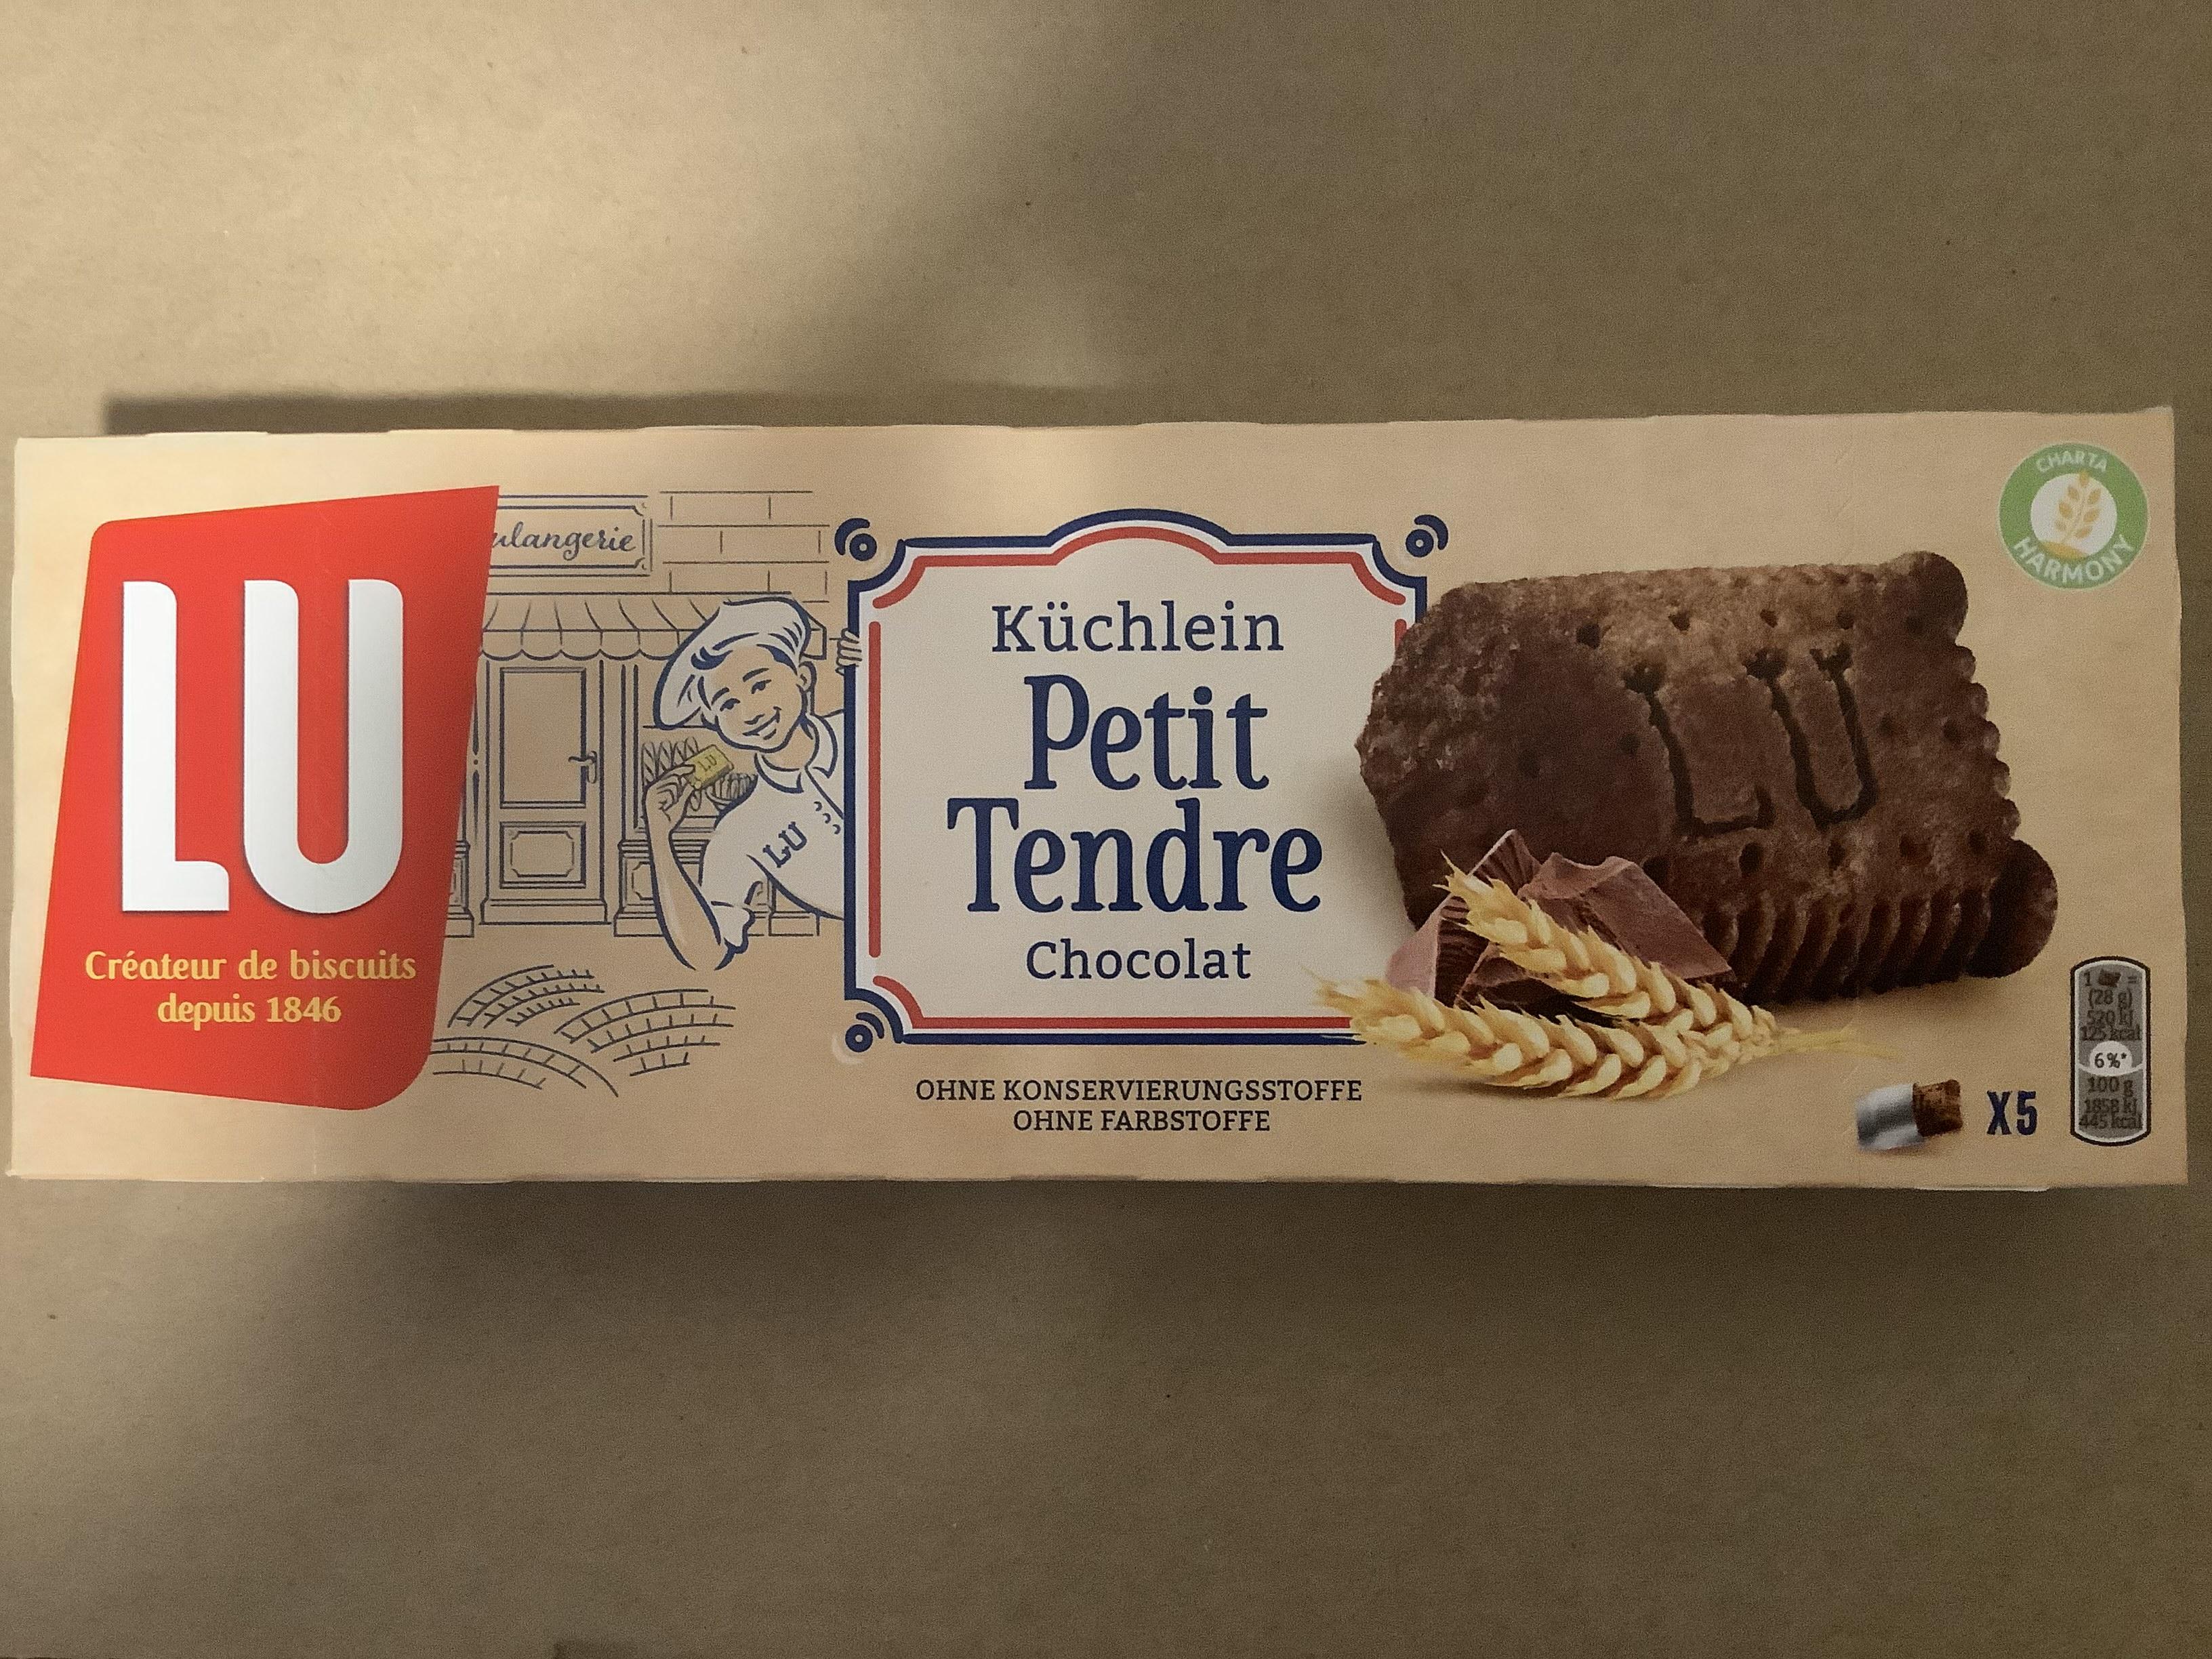 LU Küchlein Petit Tendre Schokolade für nur 25ct statt 44 bzw. 99 offline bei Thomas Philipps (evtl. Freebie mit scondoo)